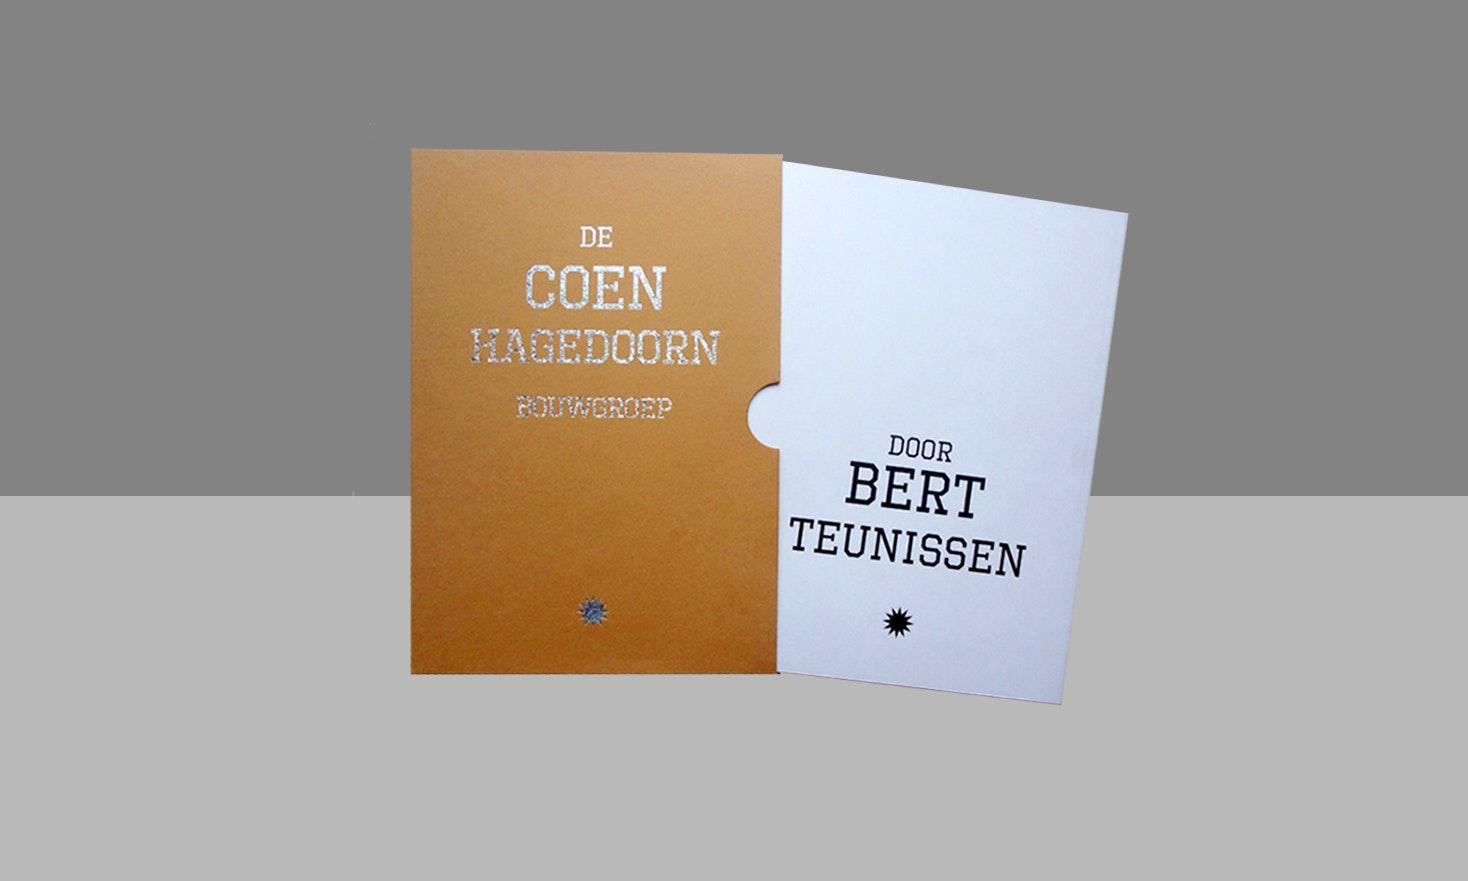 Bert_Teunissen_Sophie_Gerritsen